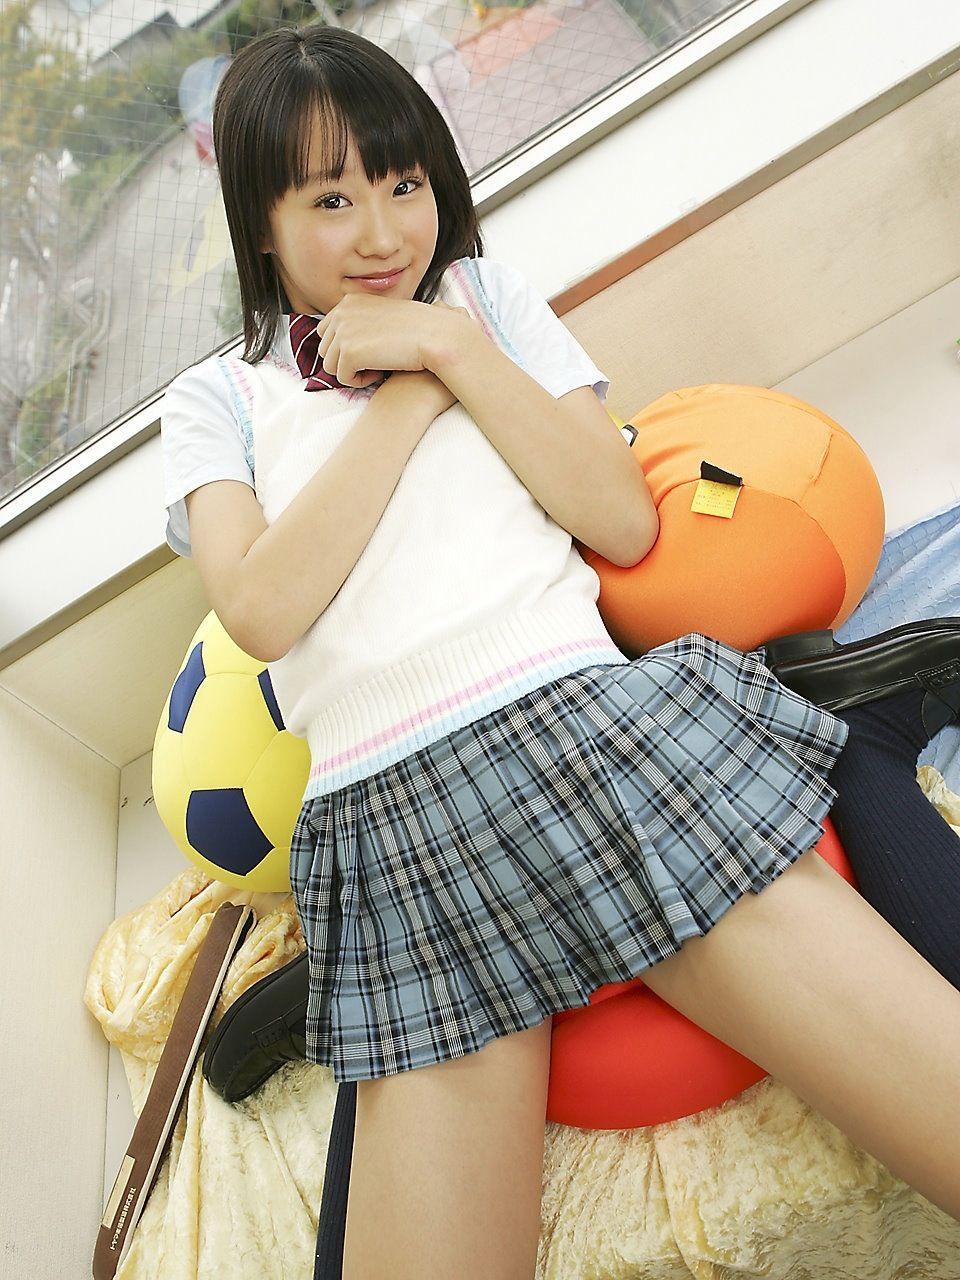 ミニスカート姿の河西莉子さん